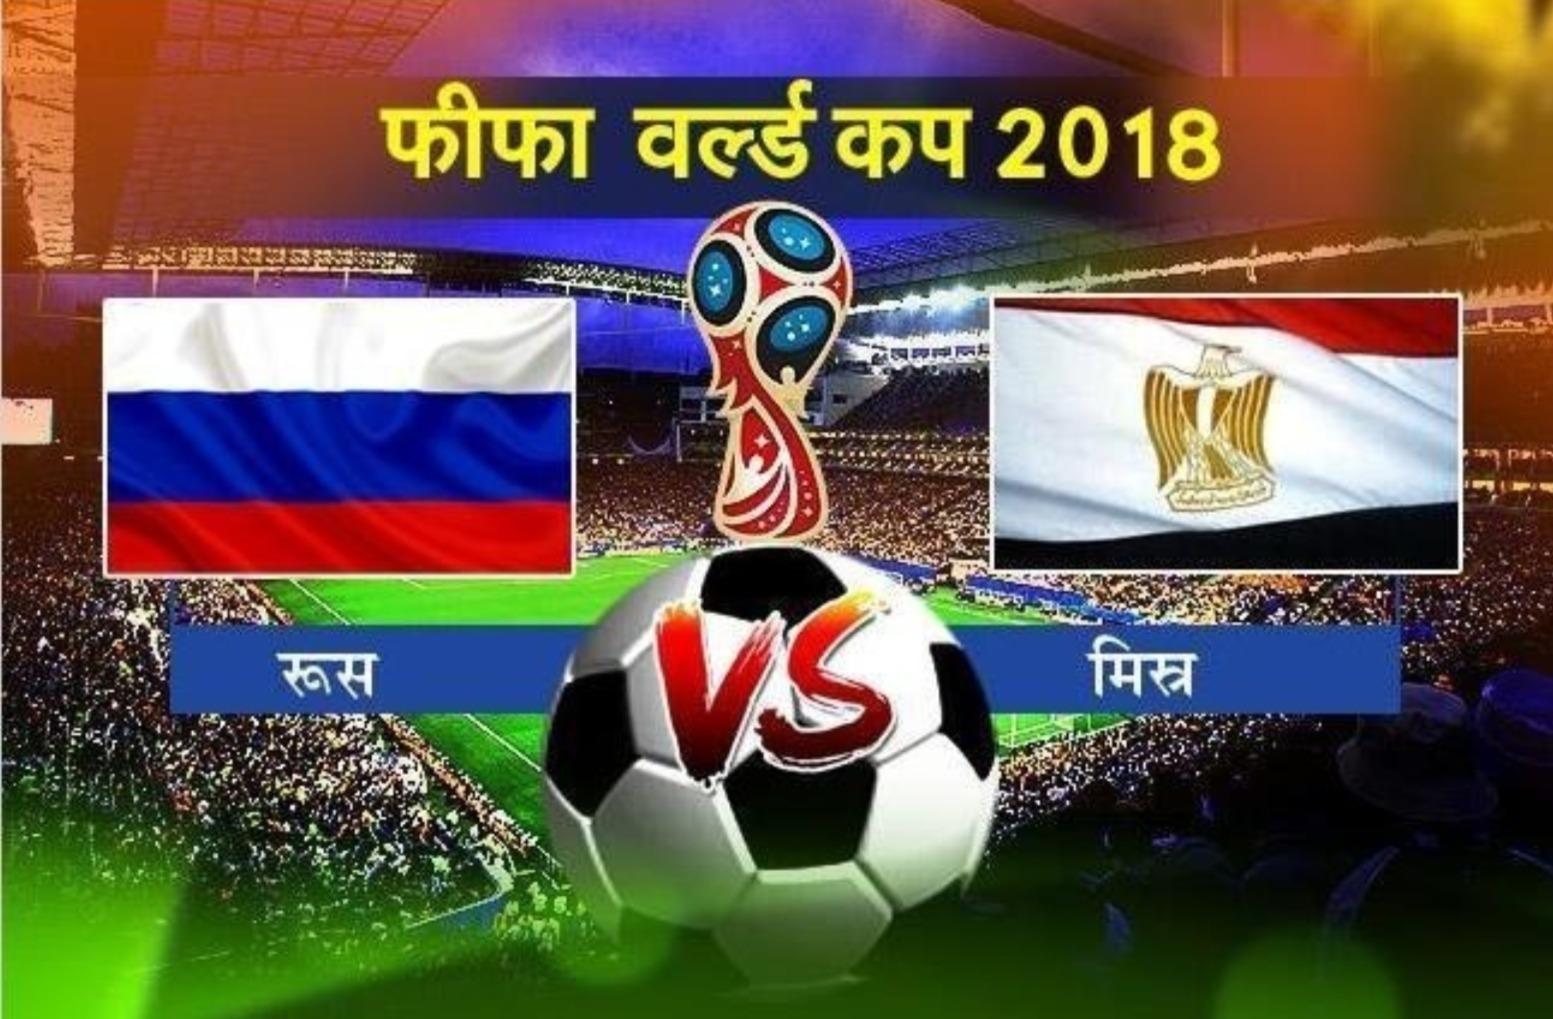 रुसियाआ  इजिपखौ 3-1 गल आव फेजेनो